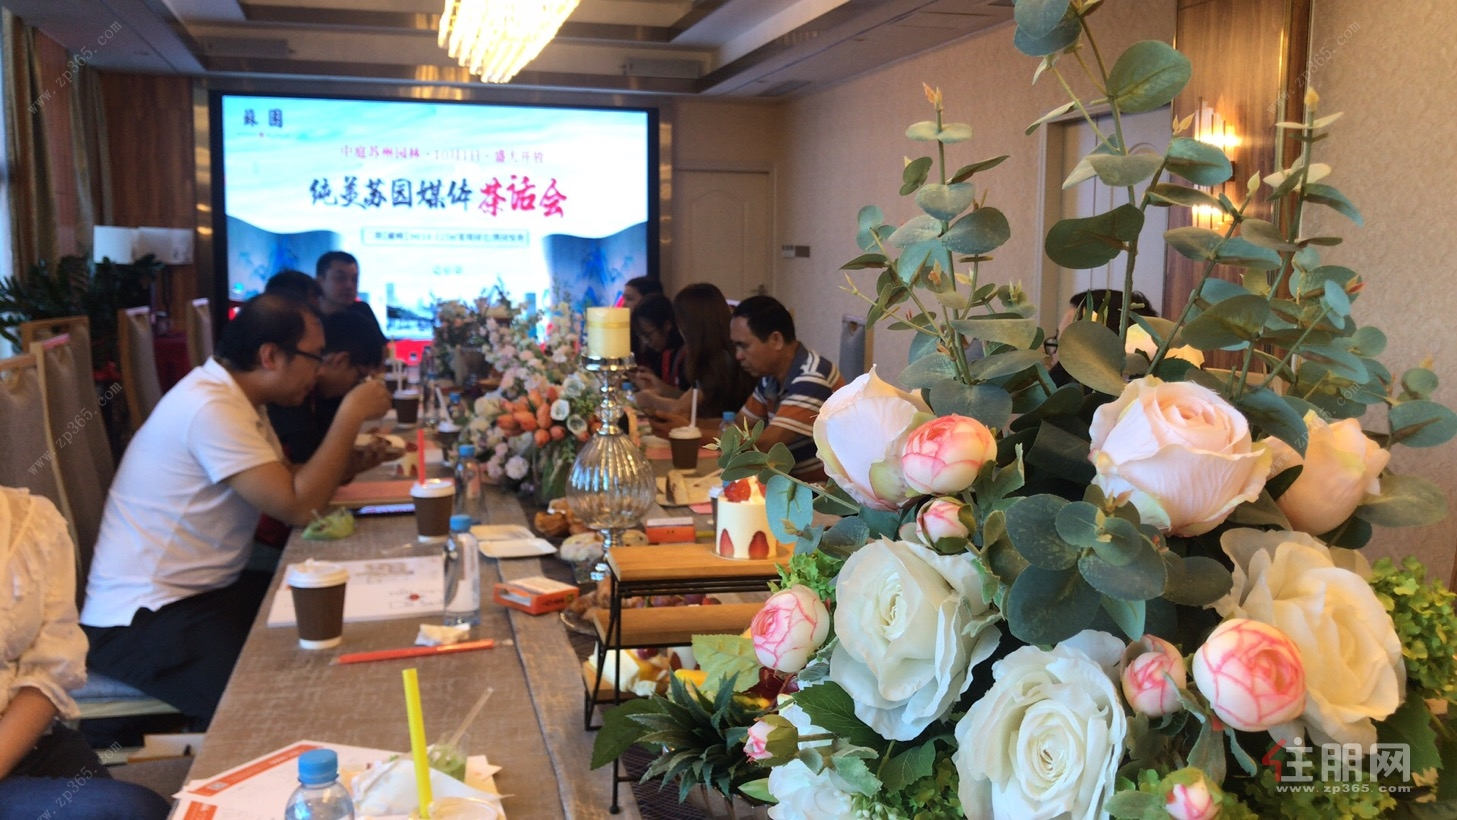 【苏园】中庭苏州园林媒体茶话会图